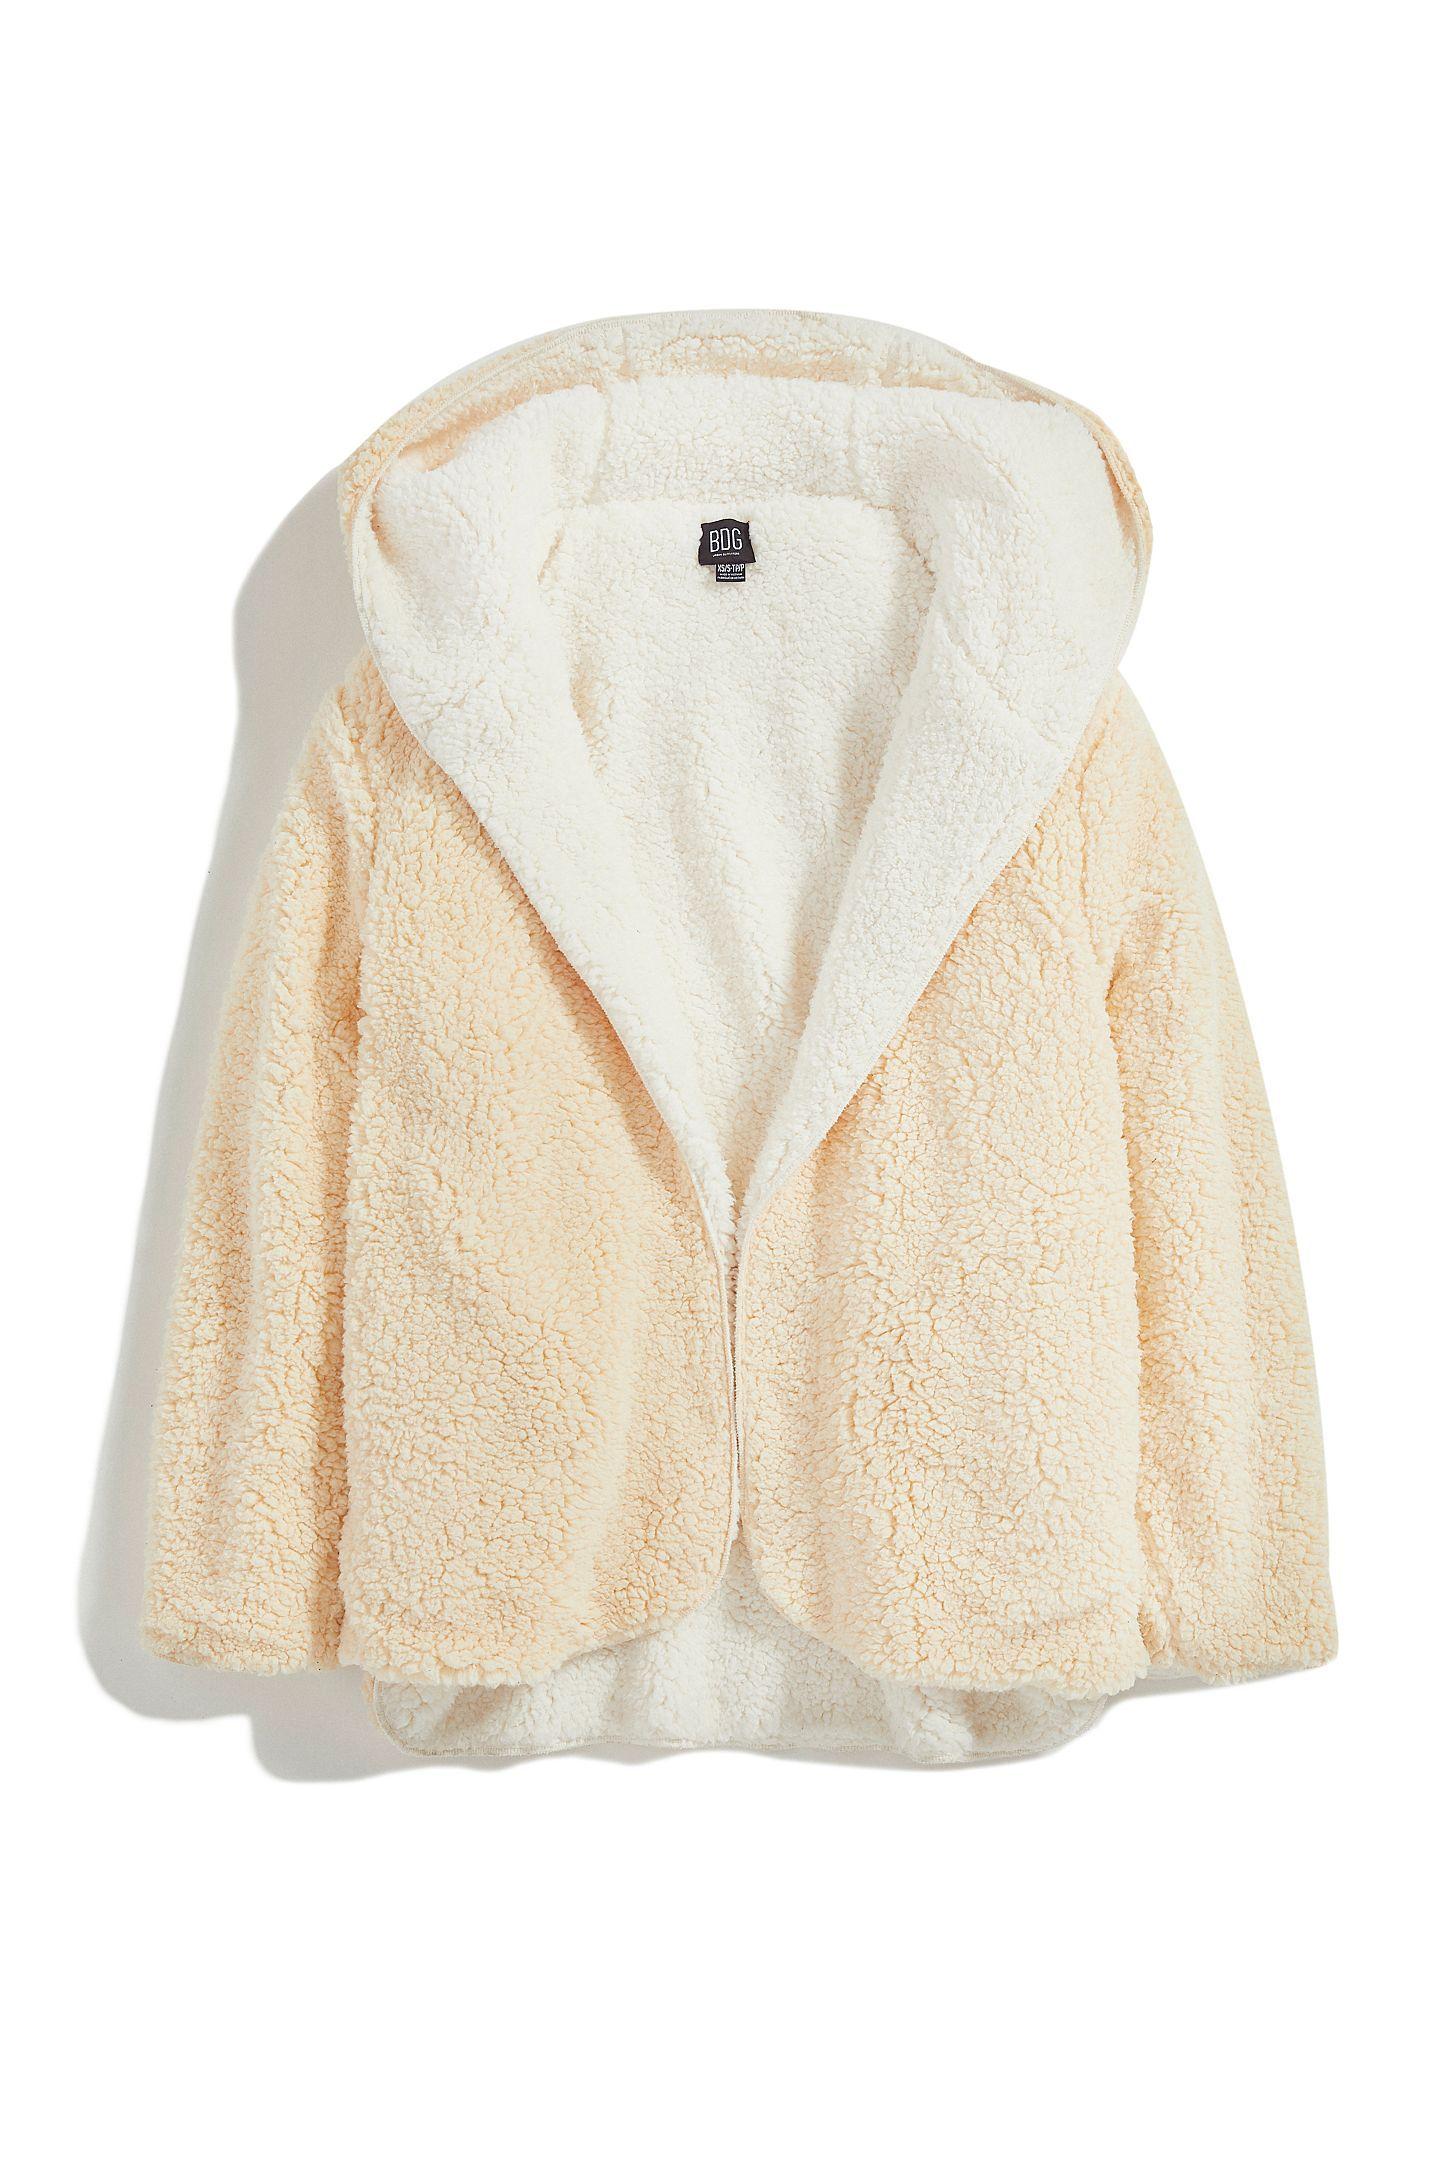 Bdg Carmella Reversible Hooded Teddy Jacket Urban Outfitters Teddy Jacket Jackets Urban Outfitters Jacket [ 2175 x 1450 Pixel ]